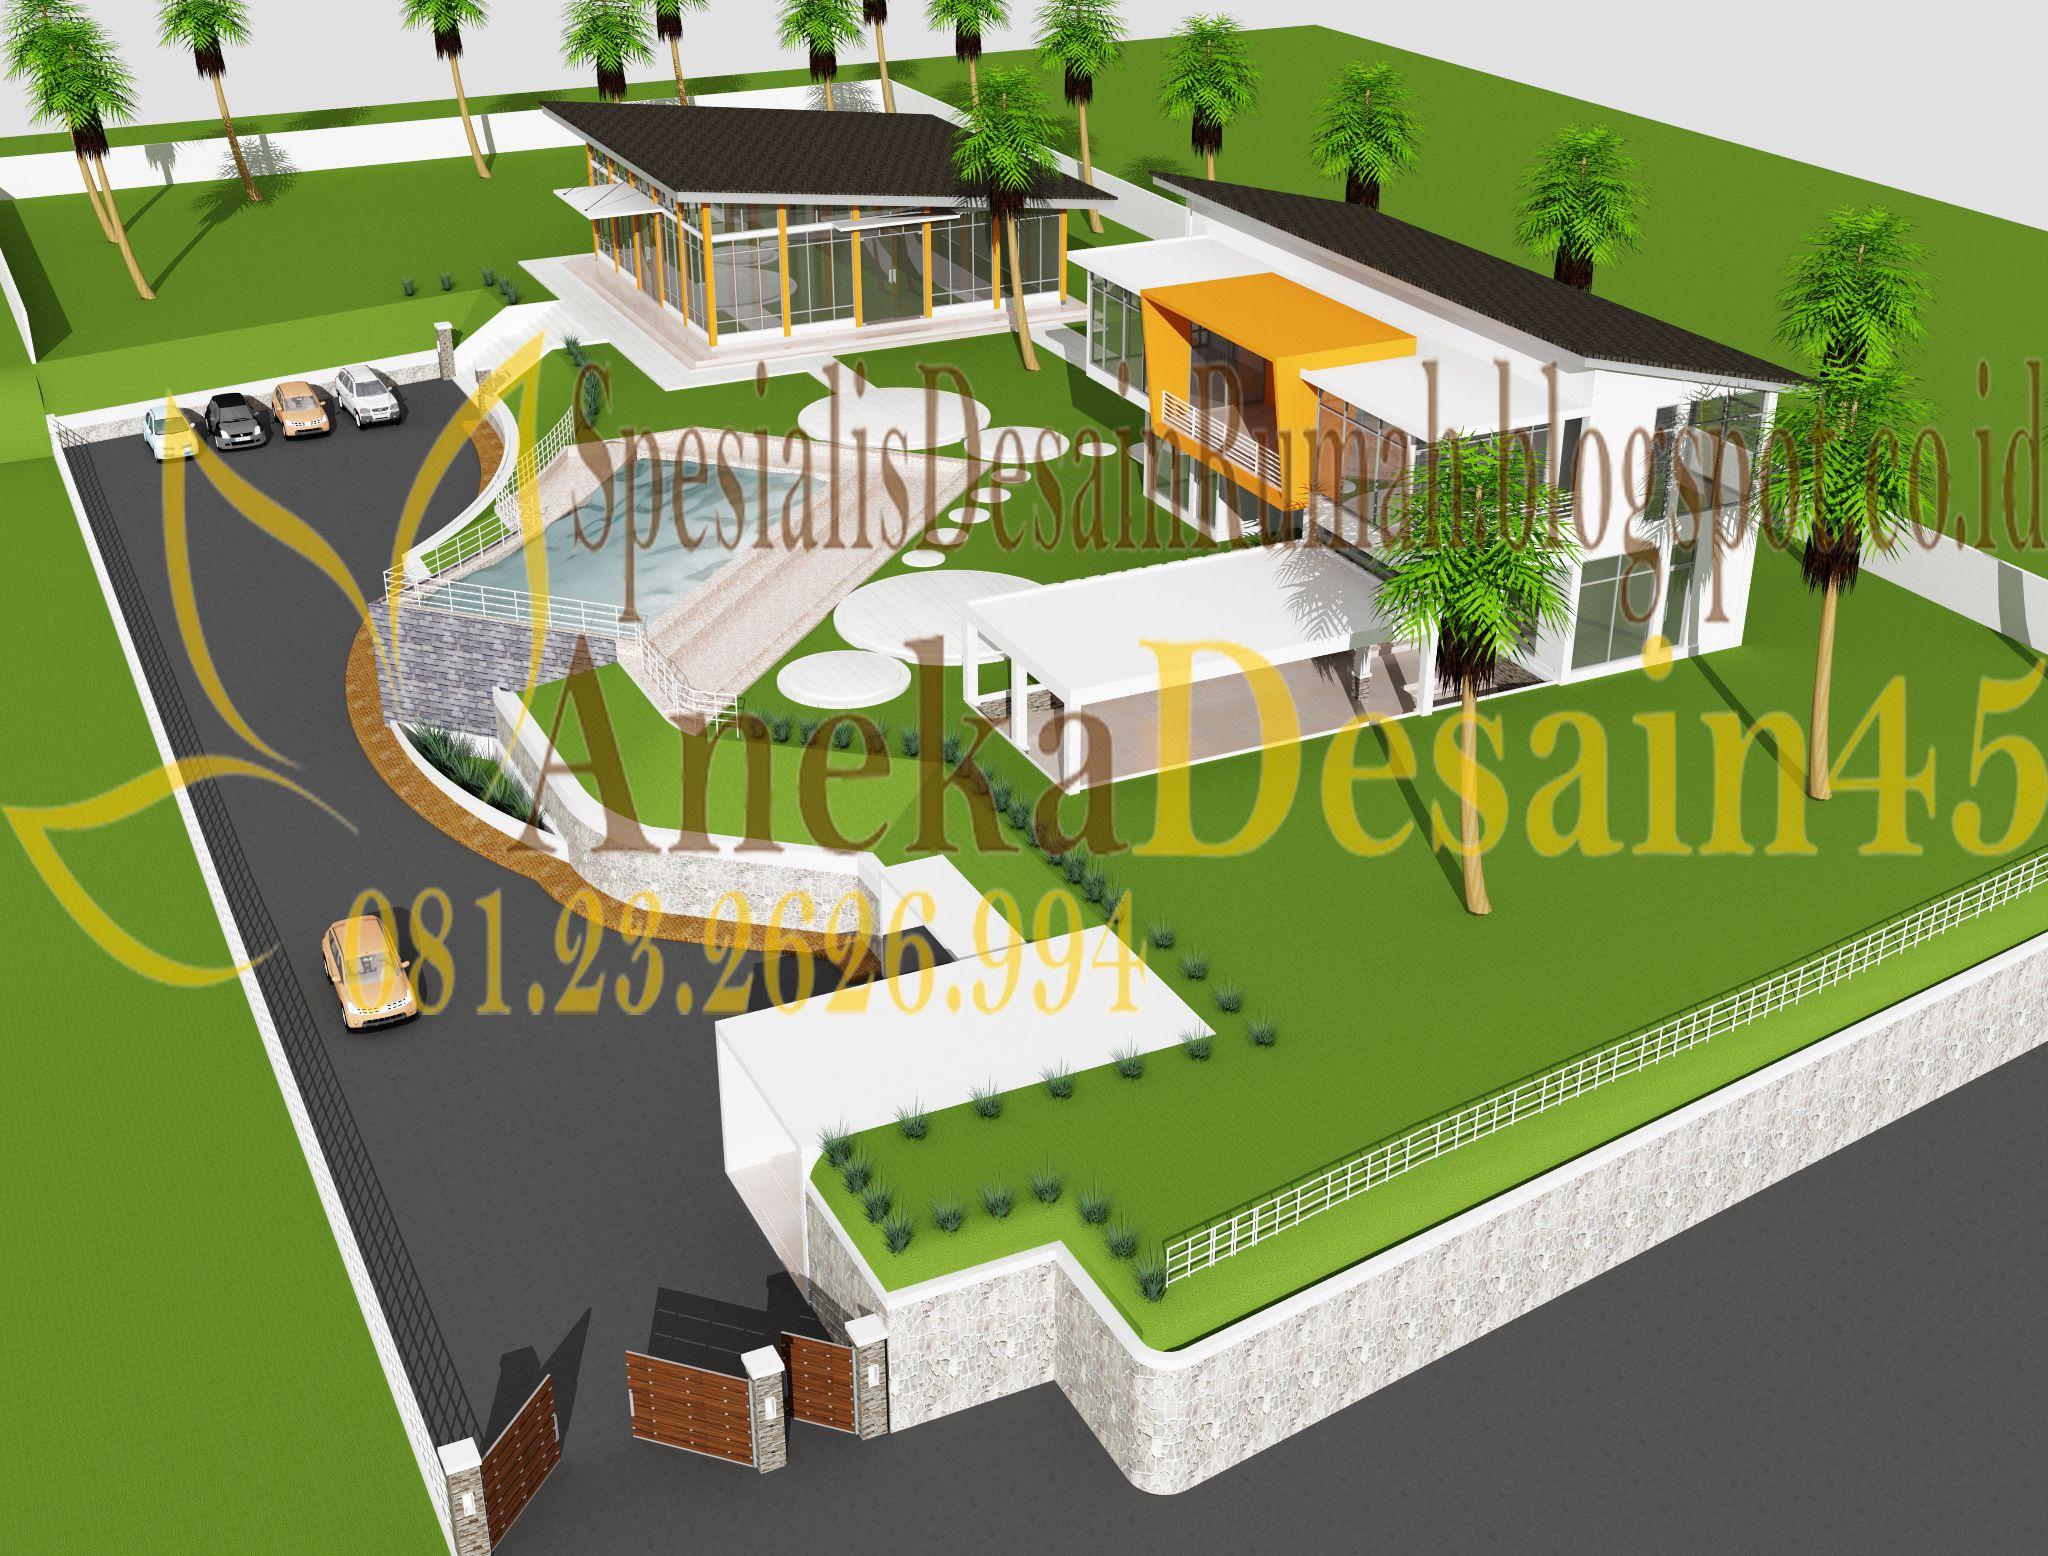 Jasa Desain Rumah Jasa Desain Rumah Minimalis Malang Jasa Desain